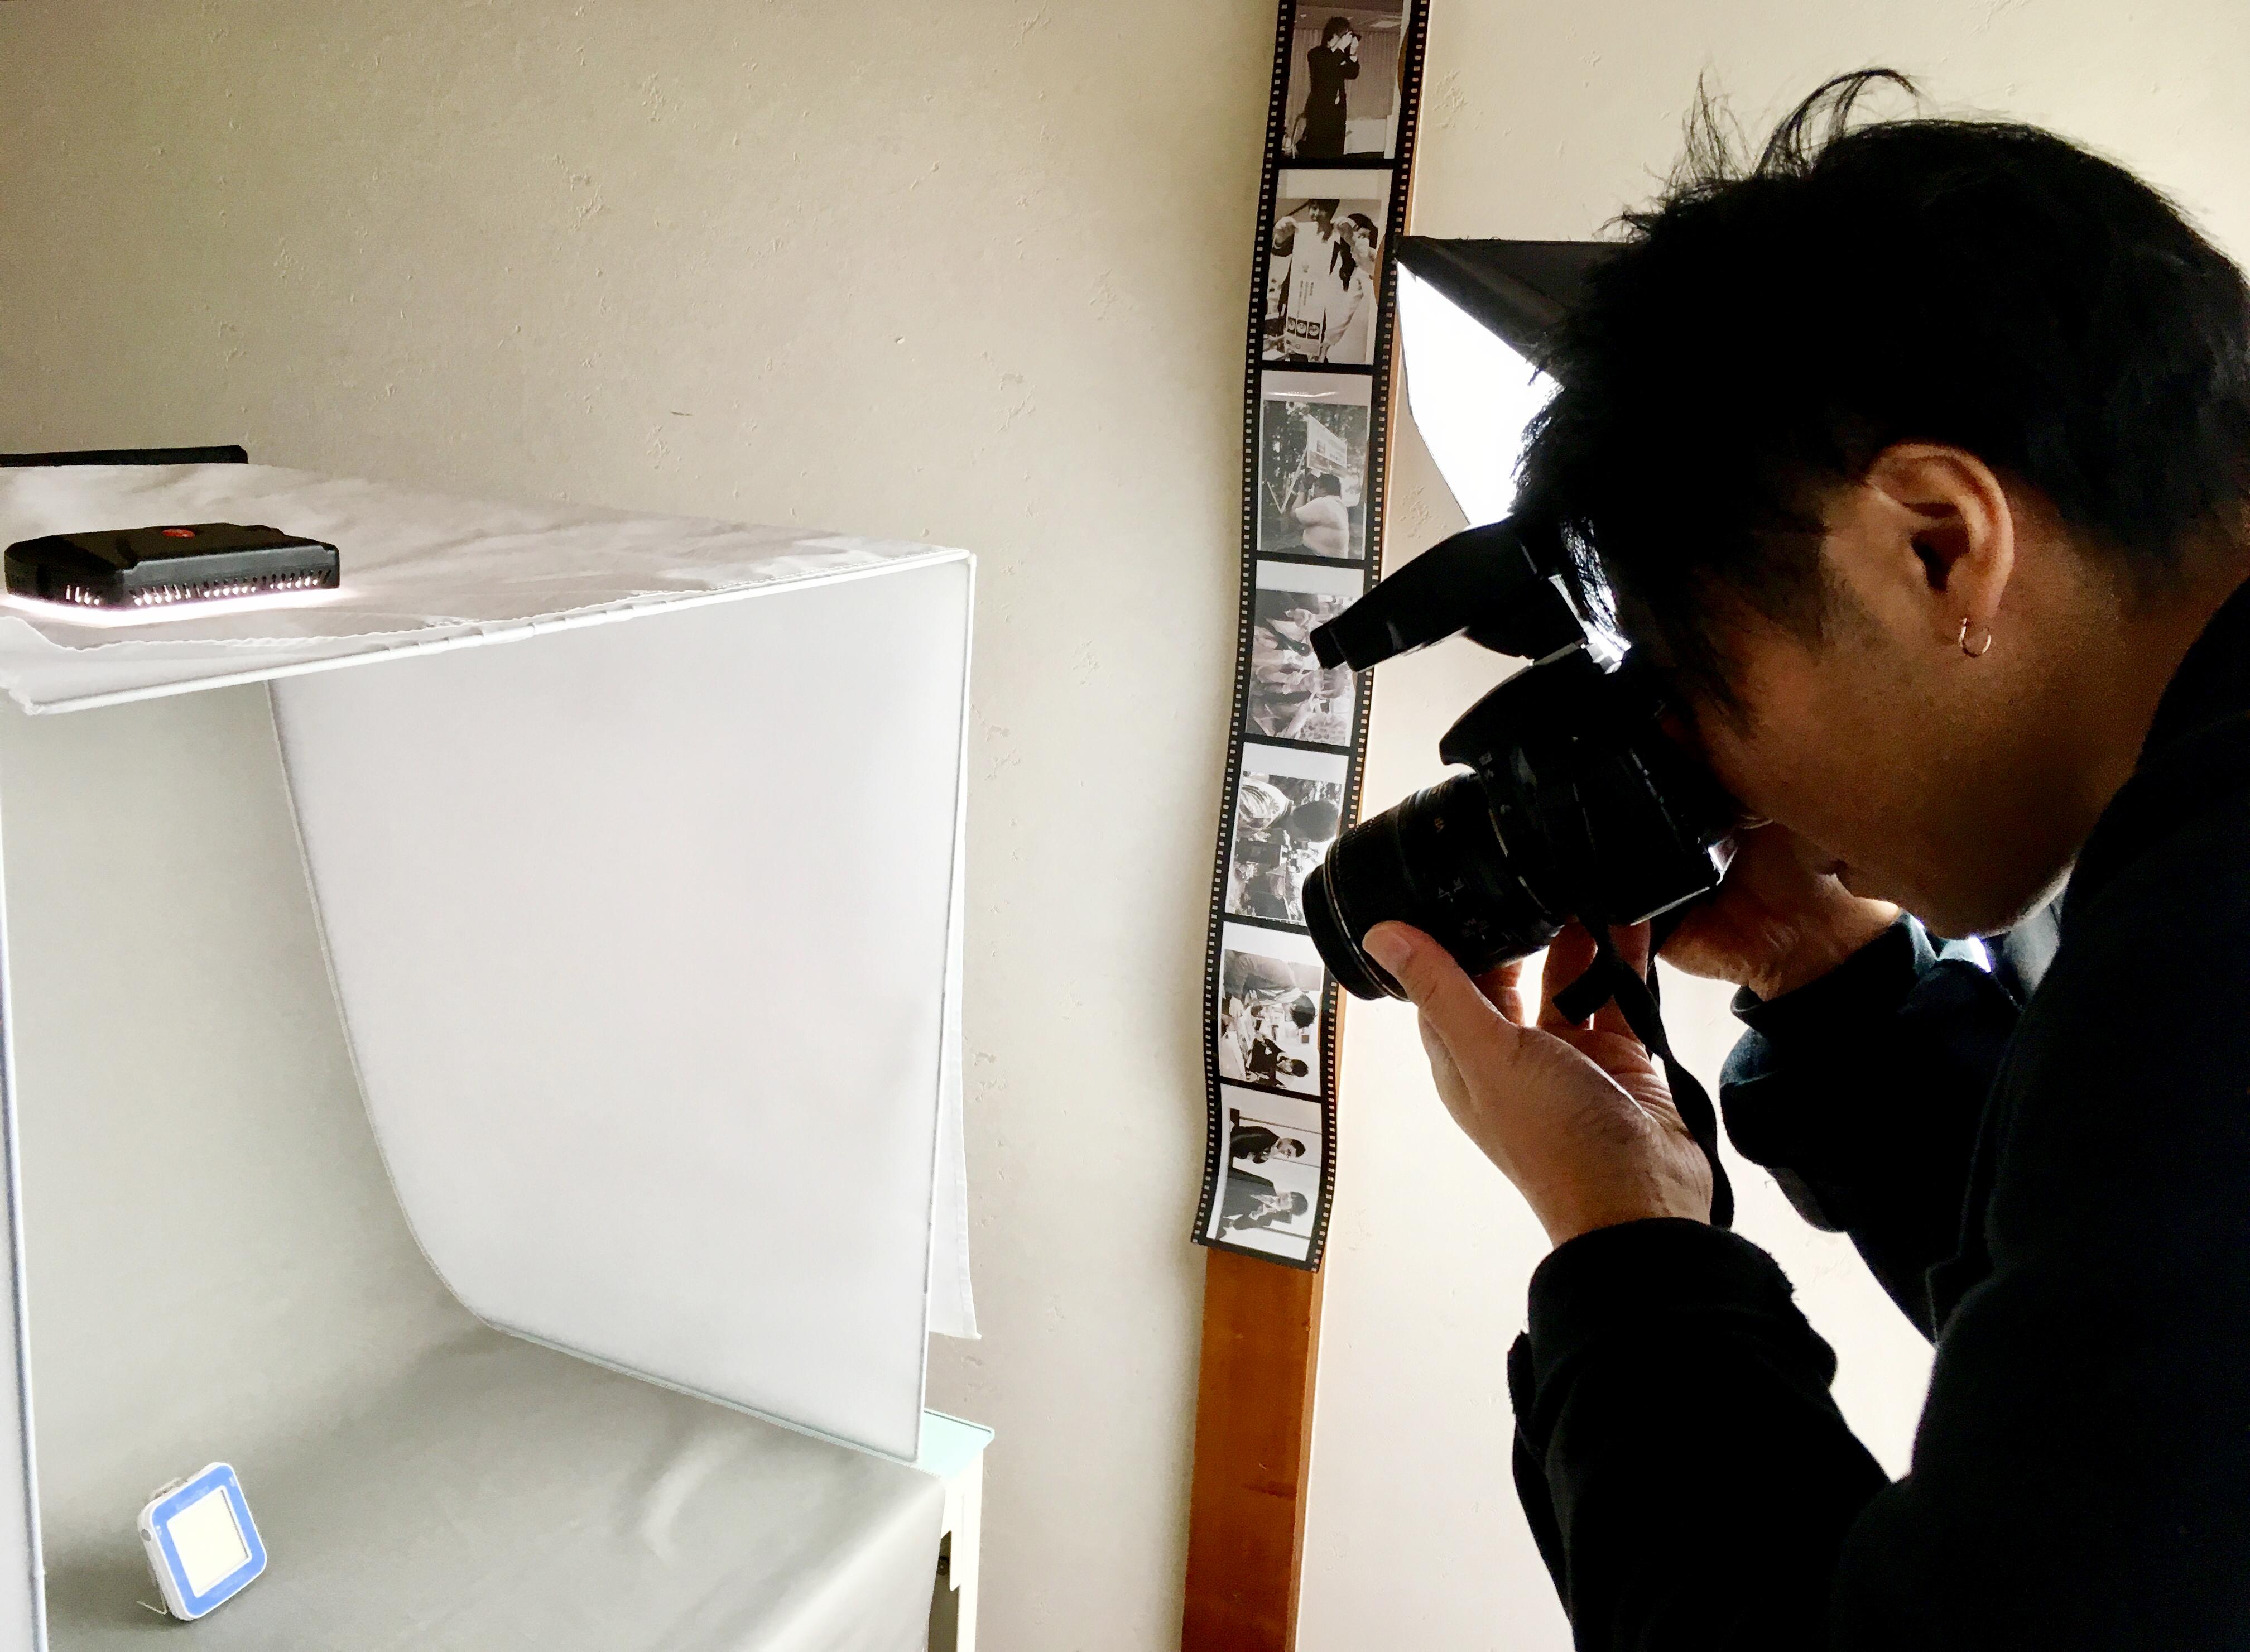 撮影スクリーンボックスで物撮り